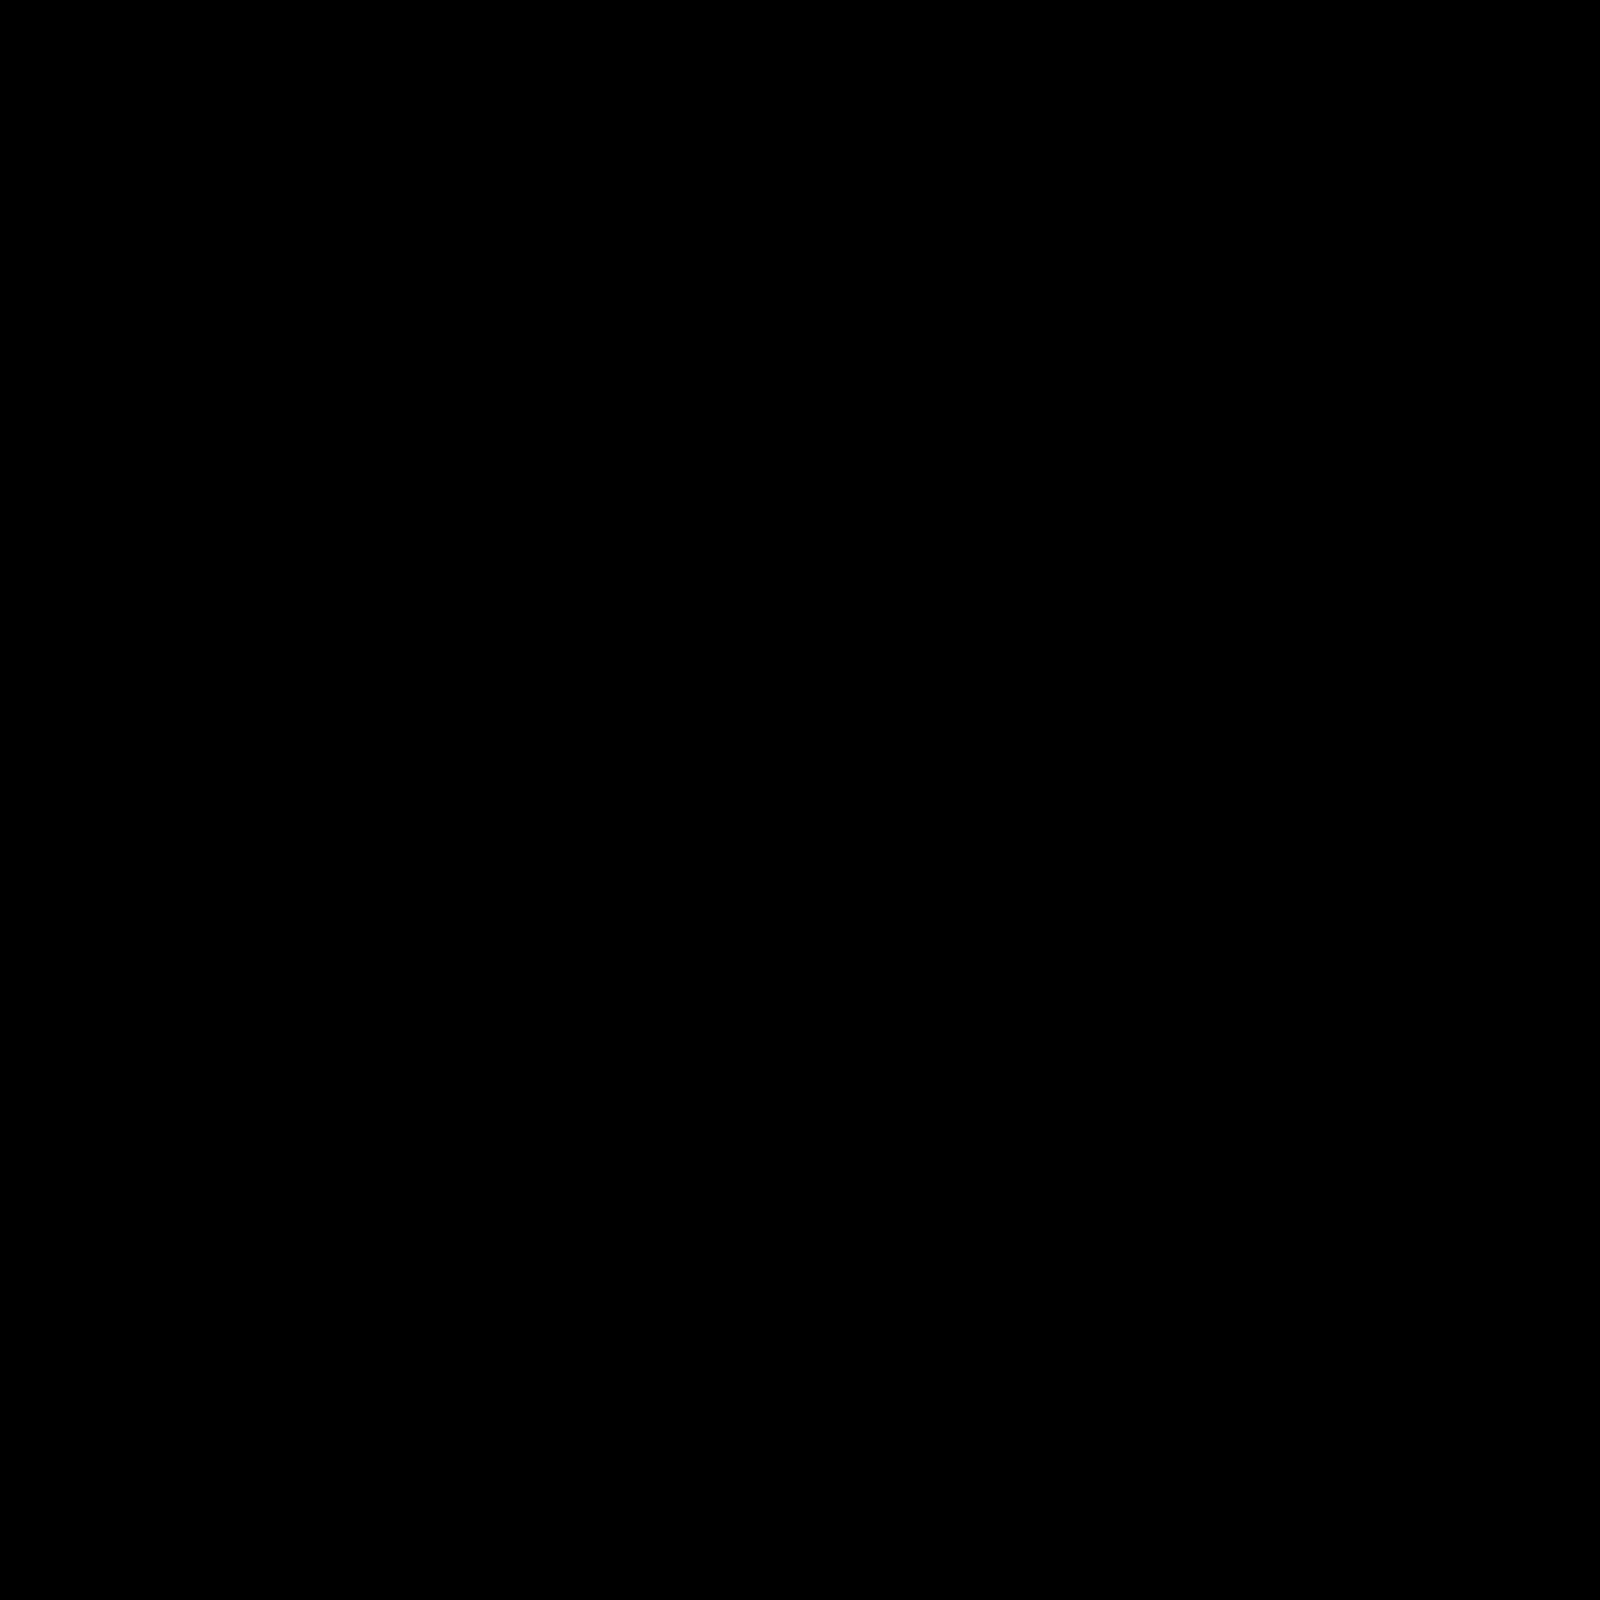 Sicherheitsnadel icon